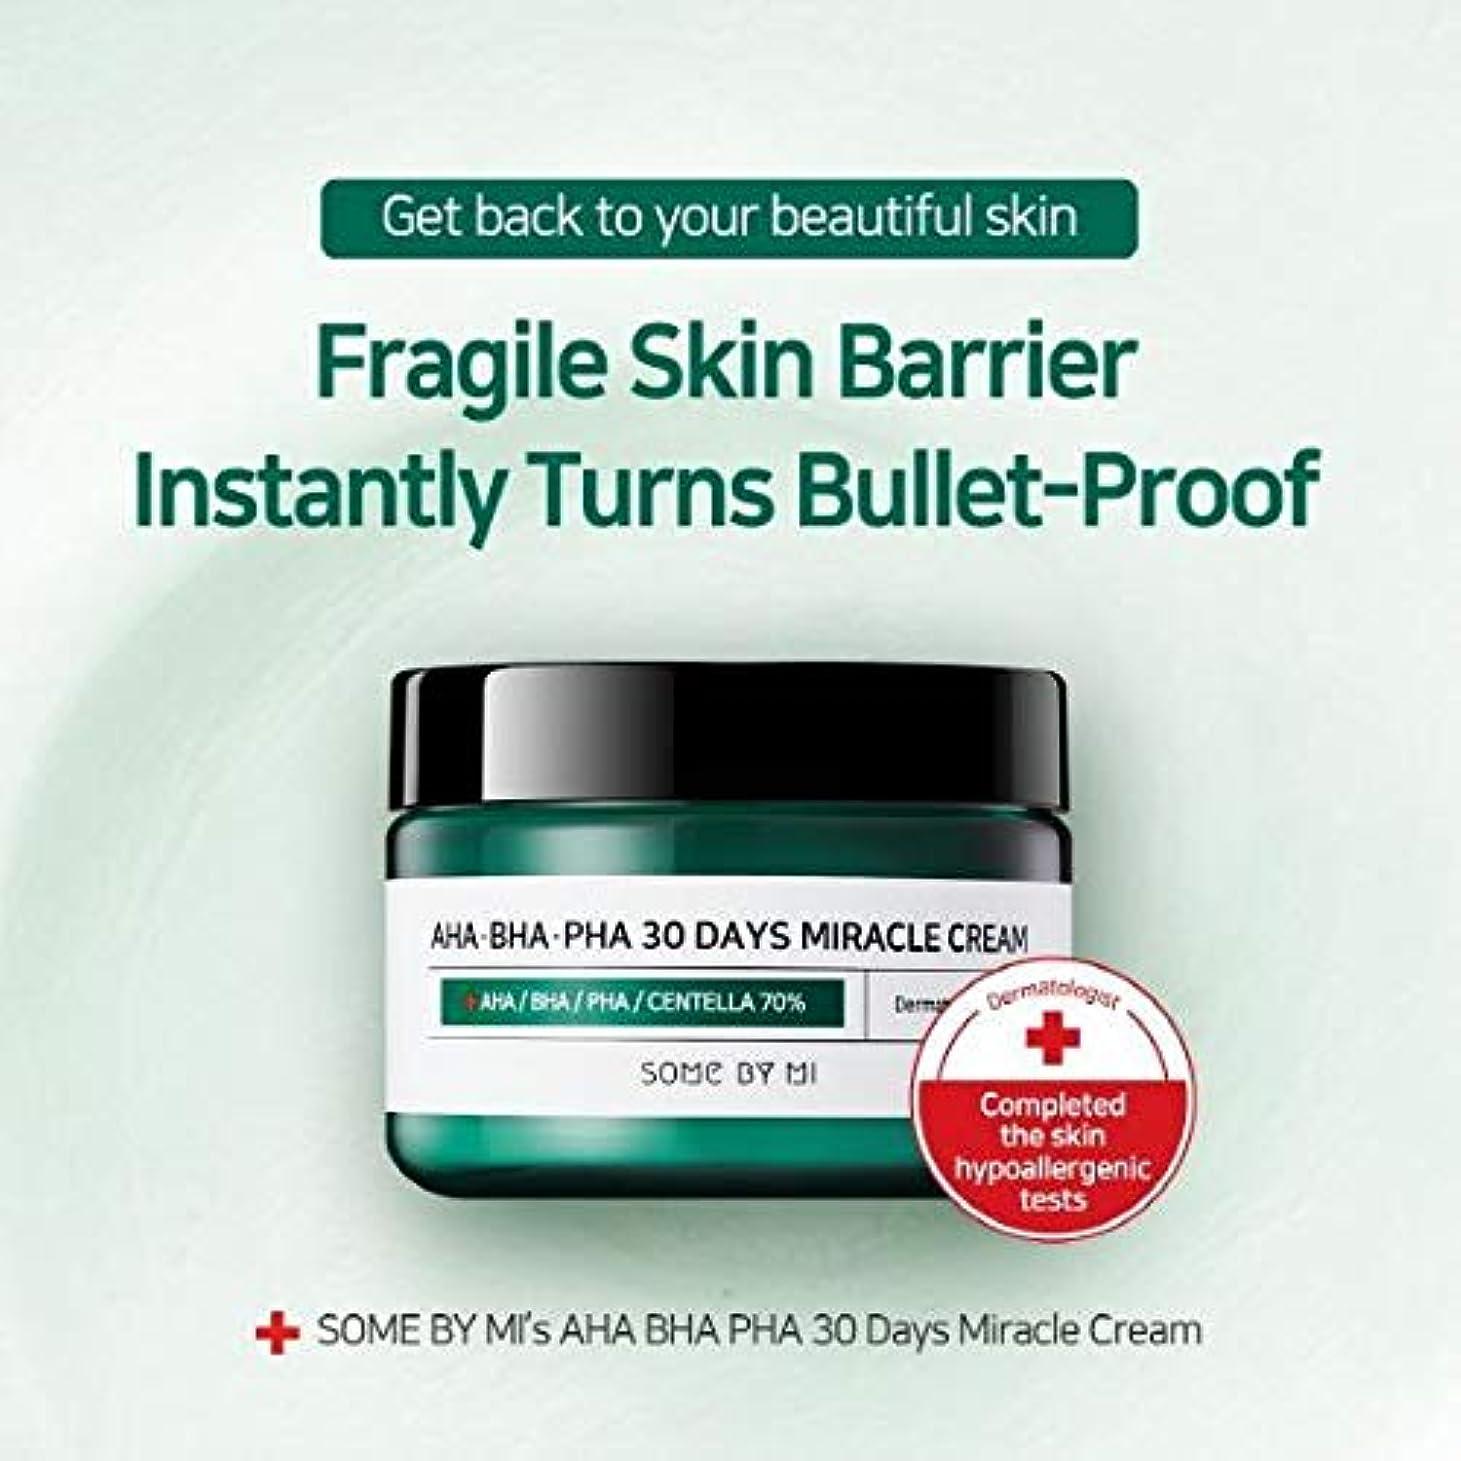 数学砂利振る舞いSomebymi AHA BHA PHA Miracle Cream 50ml (1.7oz) Skin Barrier & Recovery, Soothing with Tea Tree 10,000ppm for...